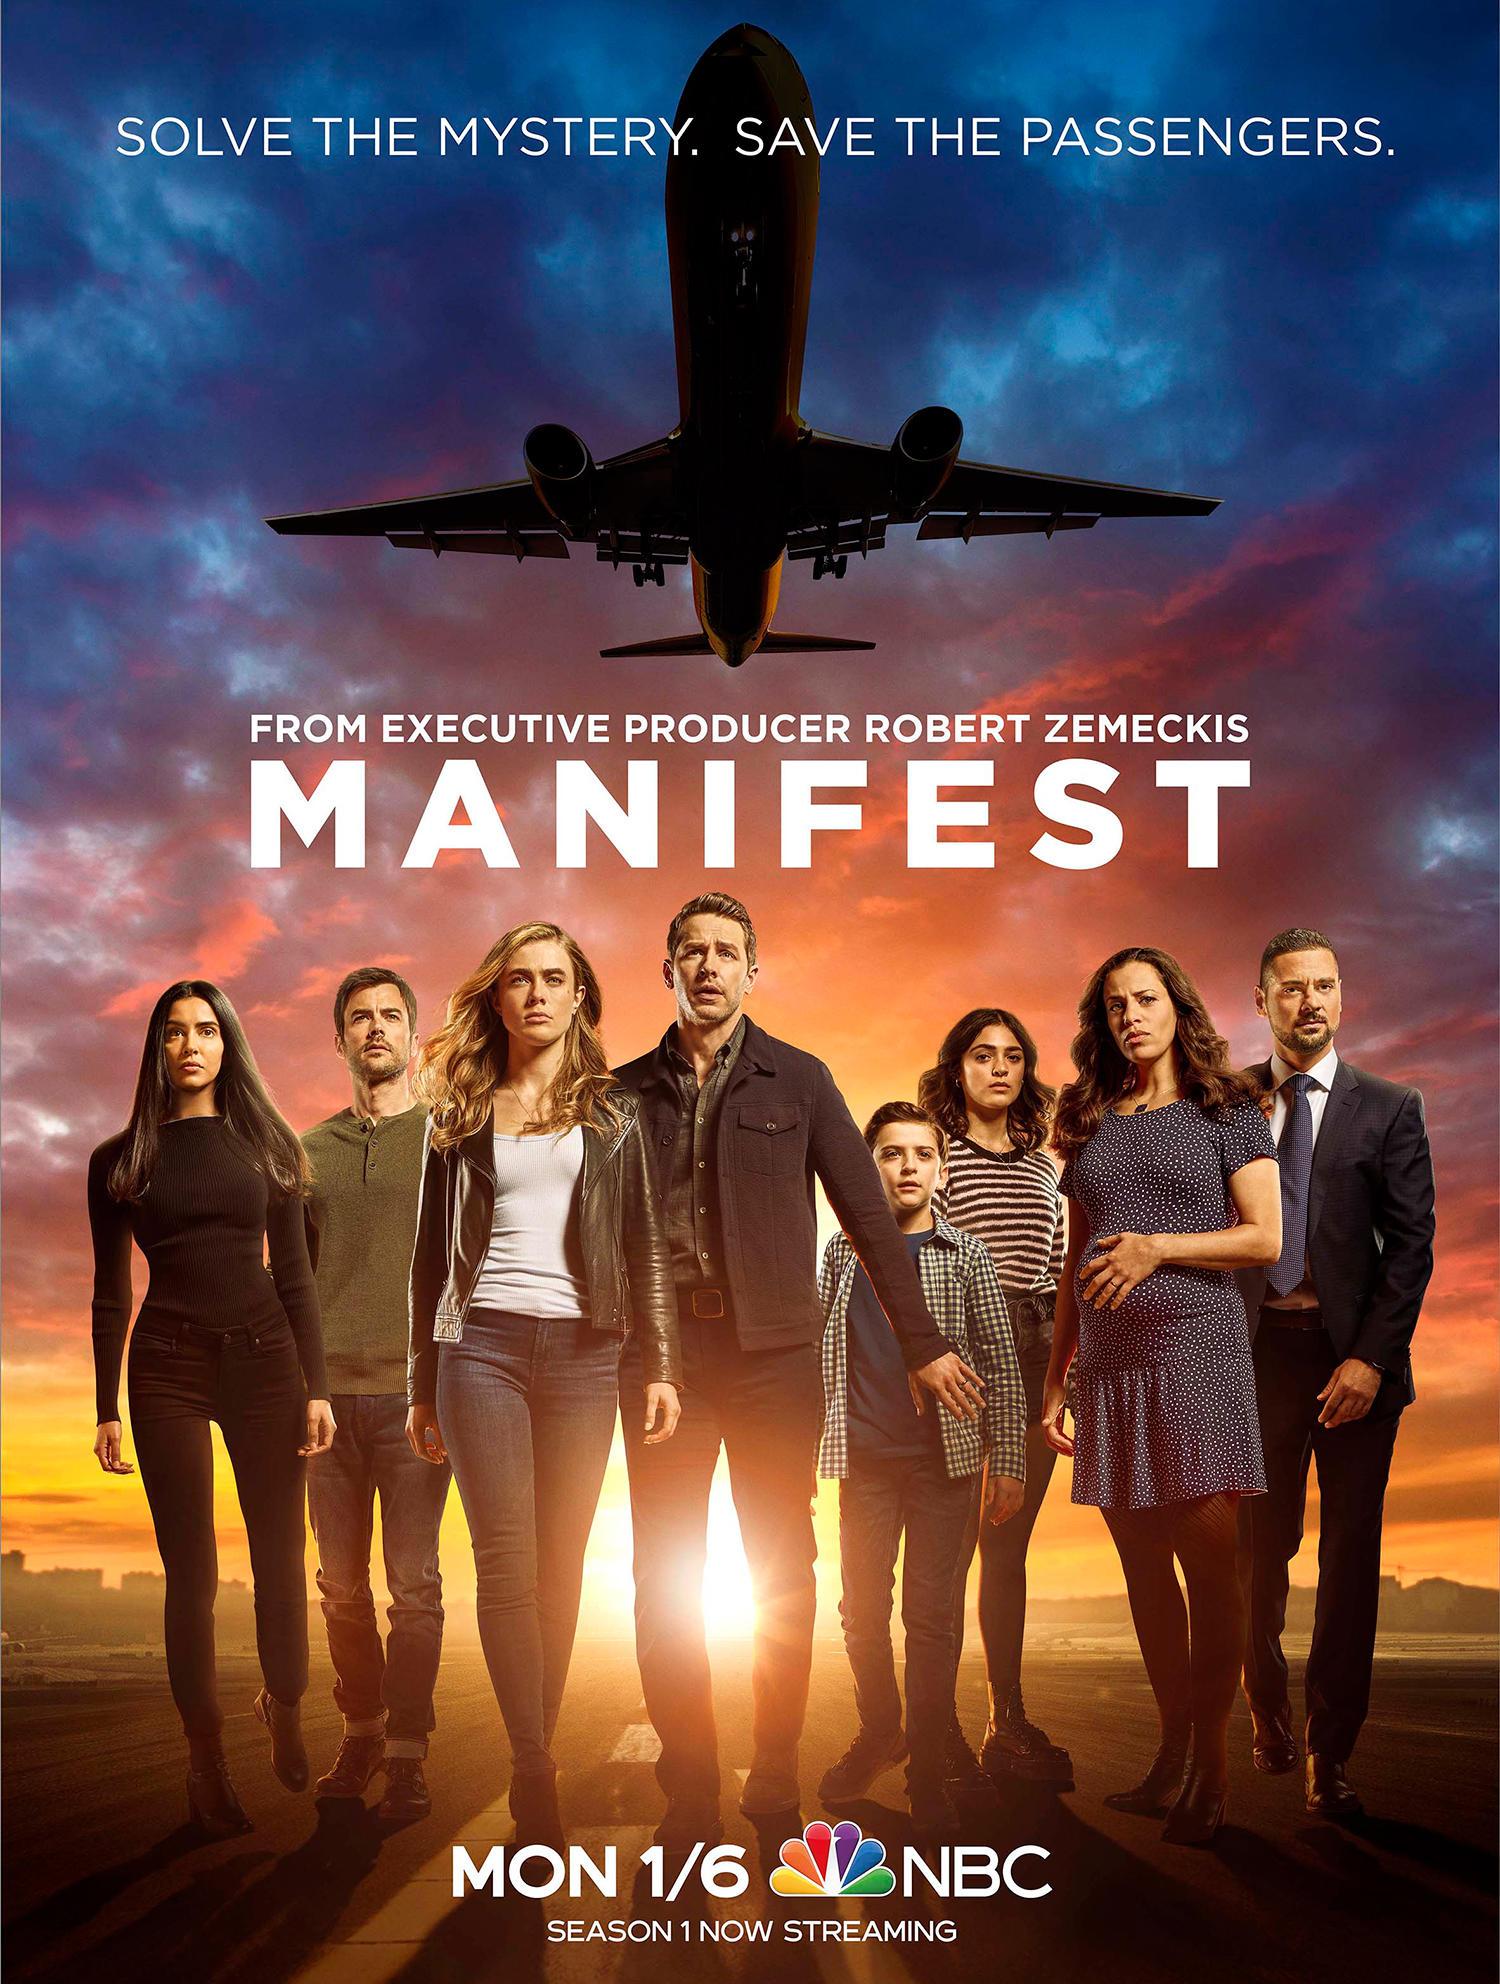 NBC's Manifest Season 4 Release Date | Show Revival Details